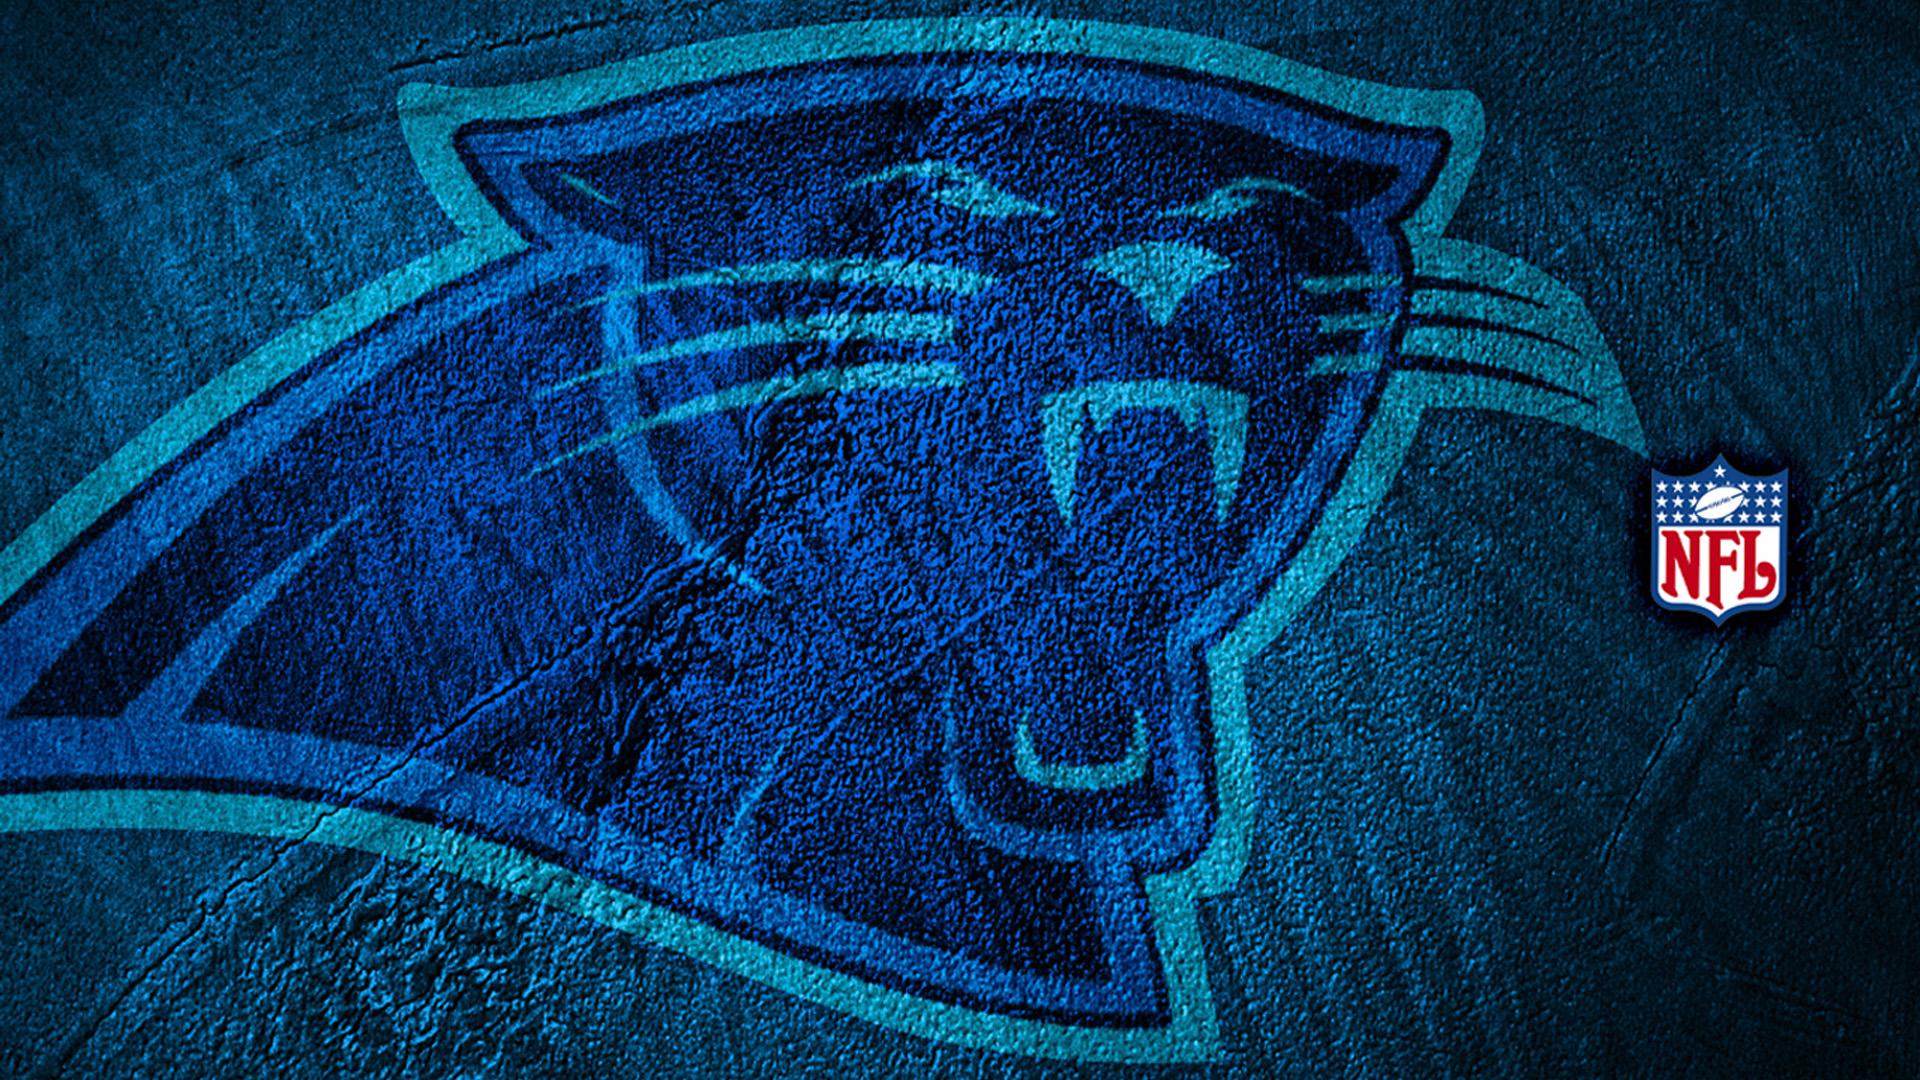 Carolina Panthers Computer Wallpapers Desktop Backgrounds 1920x1080 1920x1080